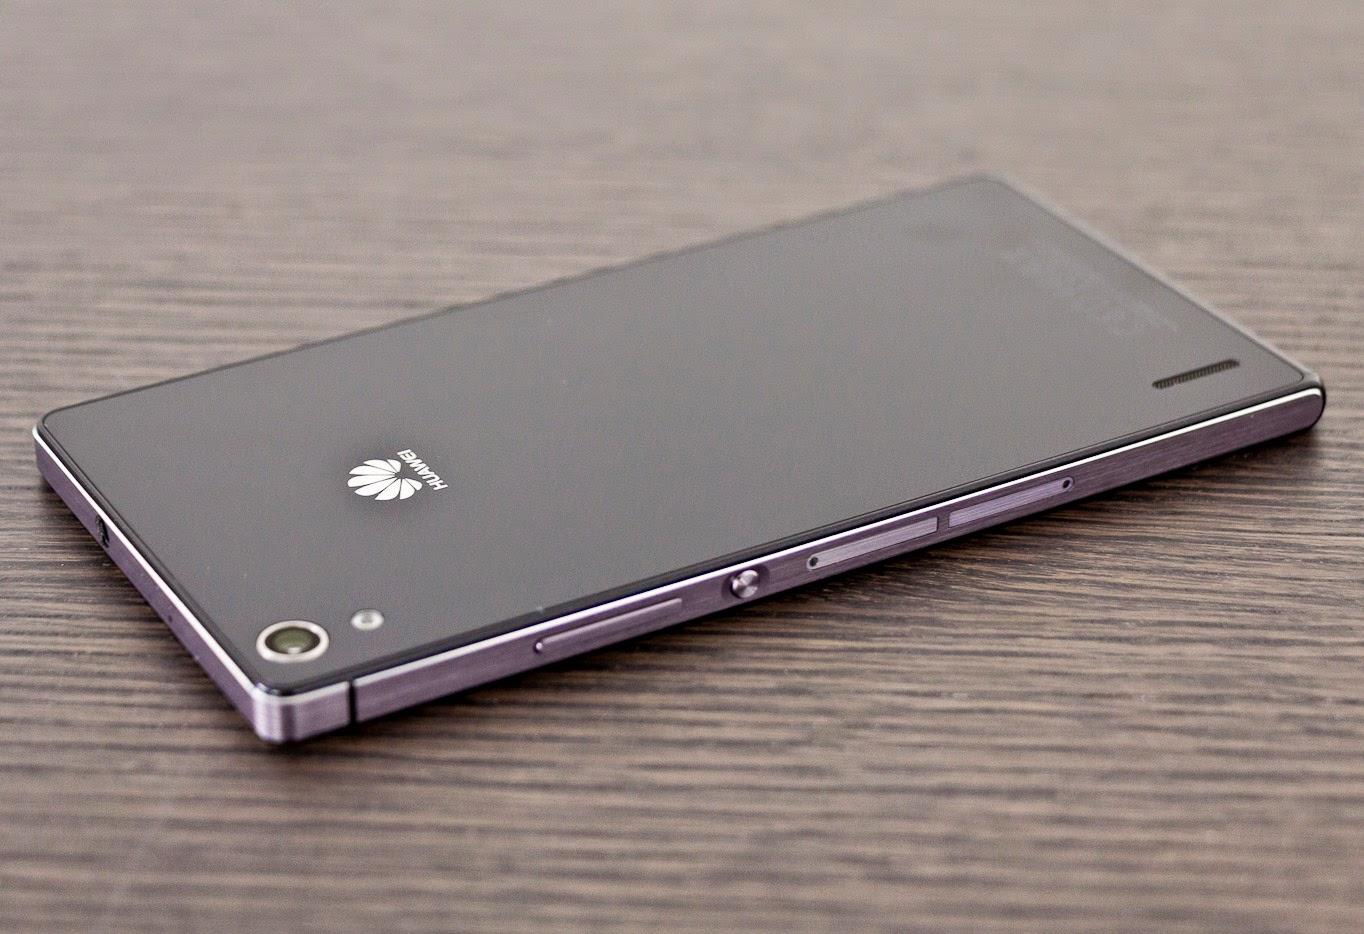 Come velocizzare Huawei Ascend P8 in caso di problema di scatti e fluidità